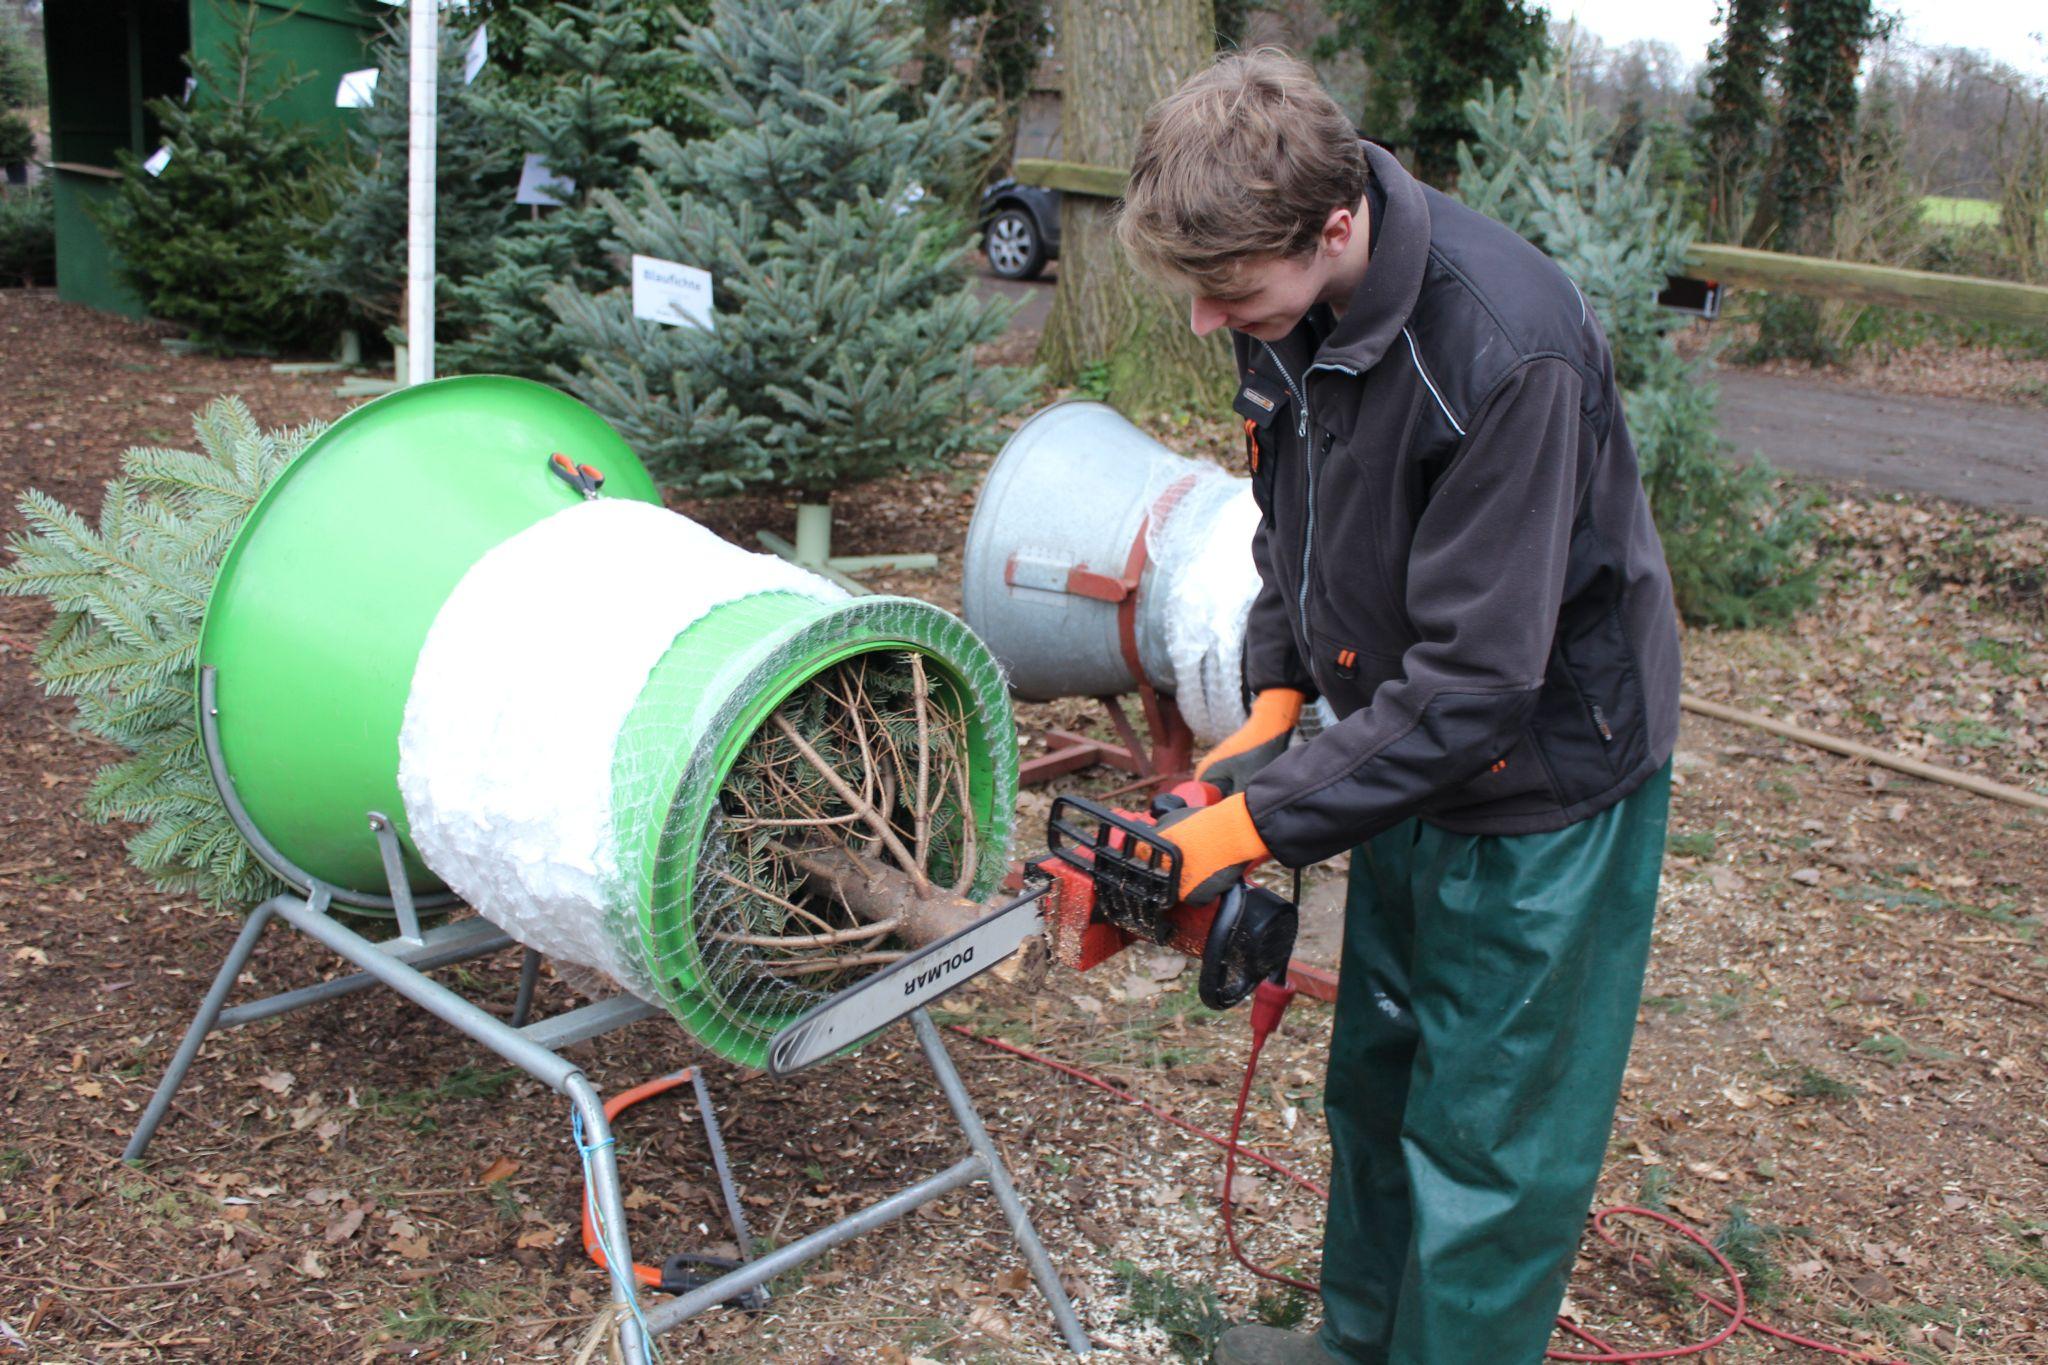 Zuschneiden für jeden Baumständer